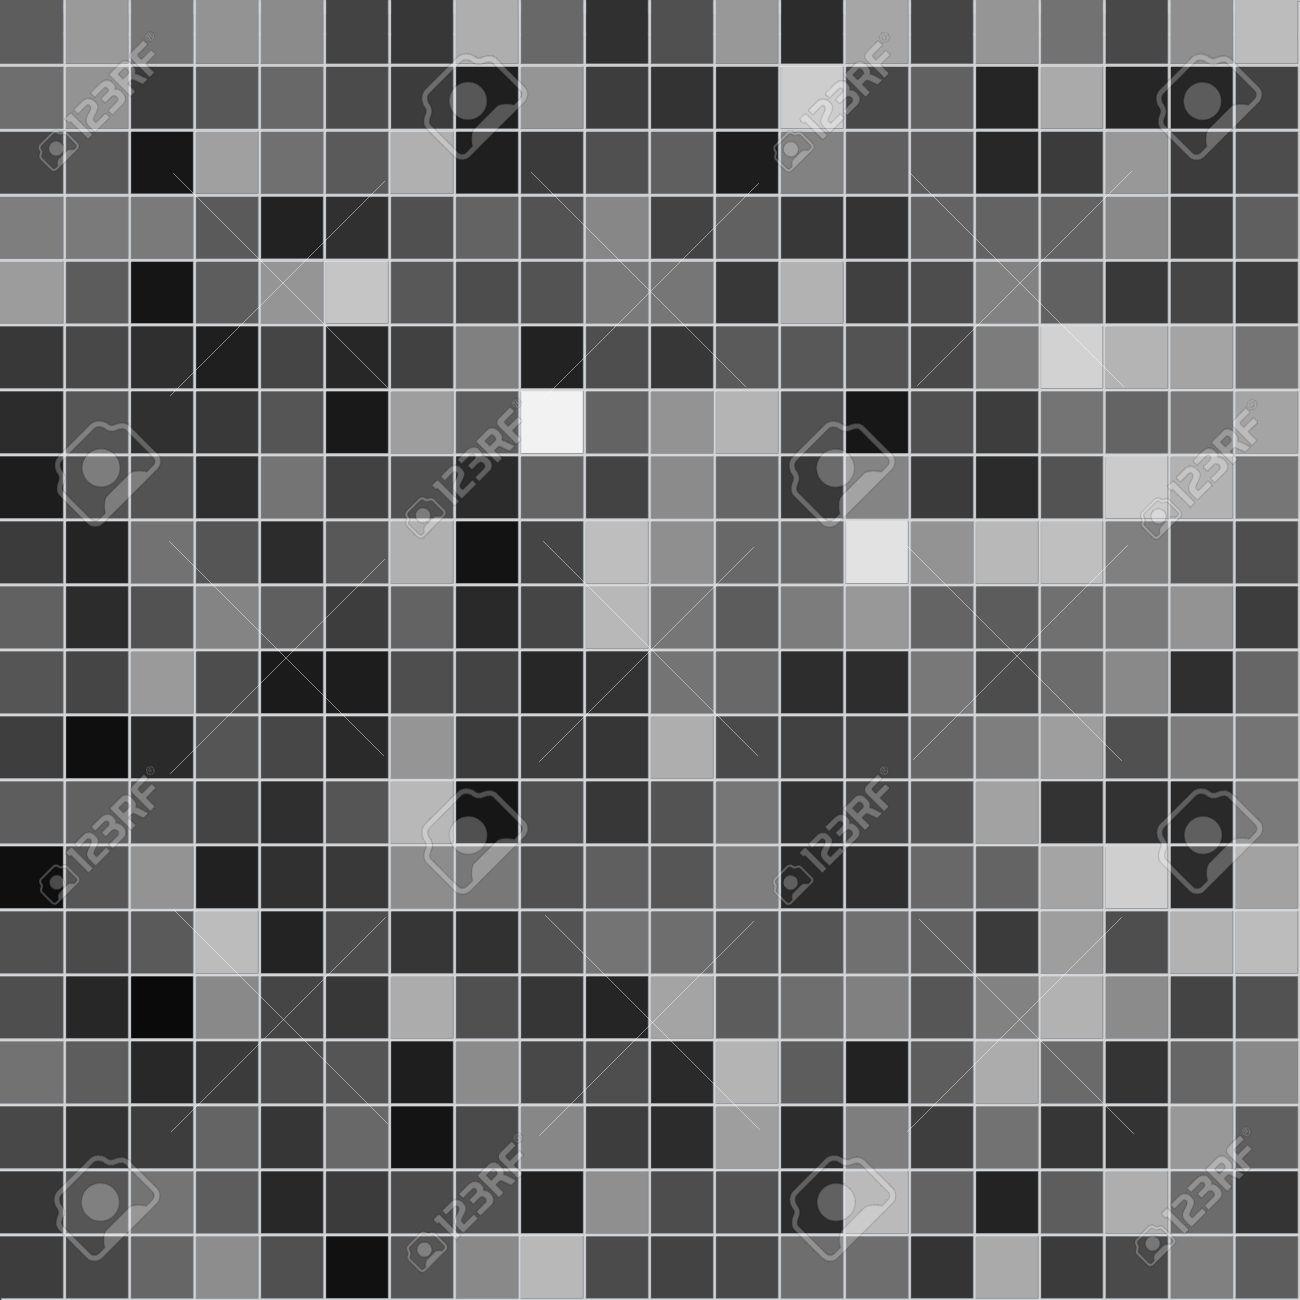 Fliesen textur grau  Fliesen Grau Mosaik. Textur Lizenzfreie Fotos, Bilder Und Stock ...